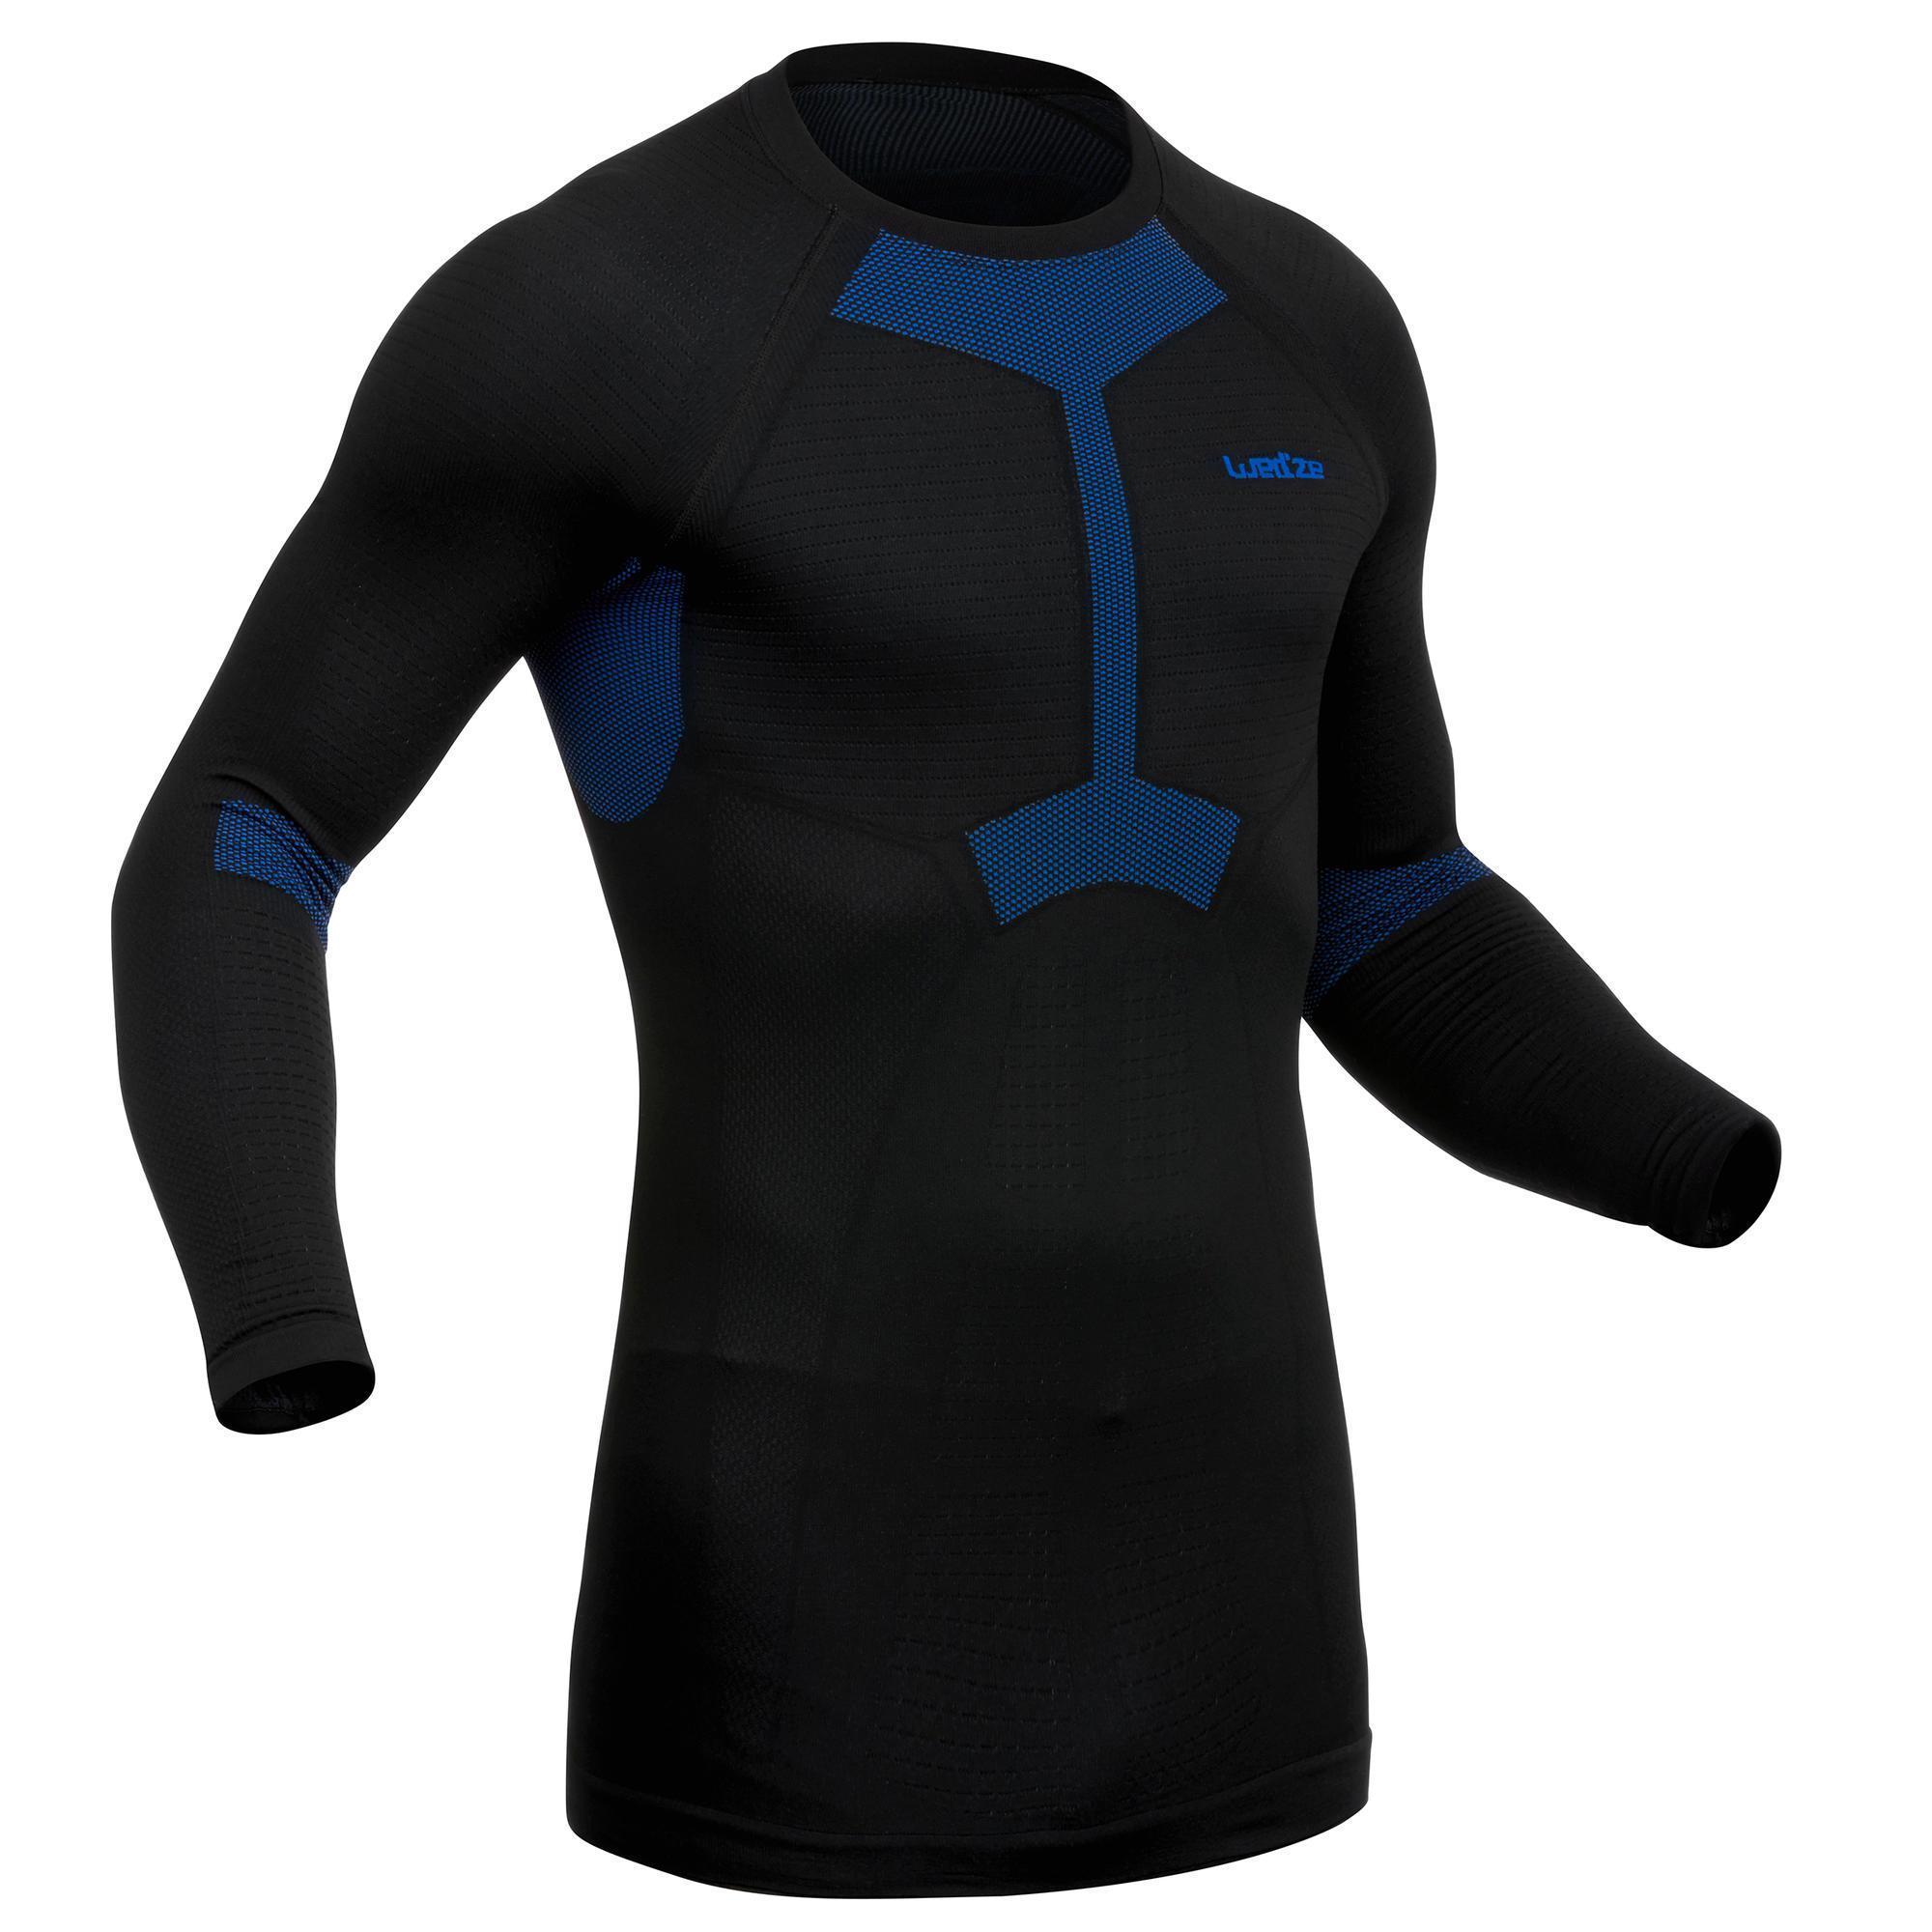 Skiunterhemd Funktionsshirt Herren i-Soft | Sportbekleidung > Funktionswäsche > Thermounterwäsche | Wedze